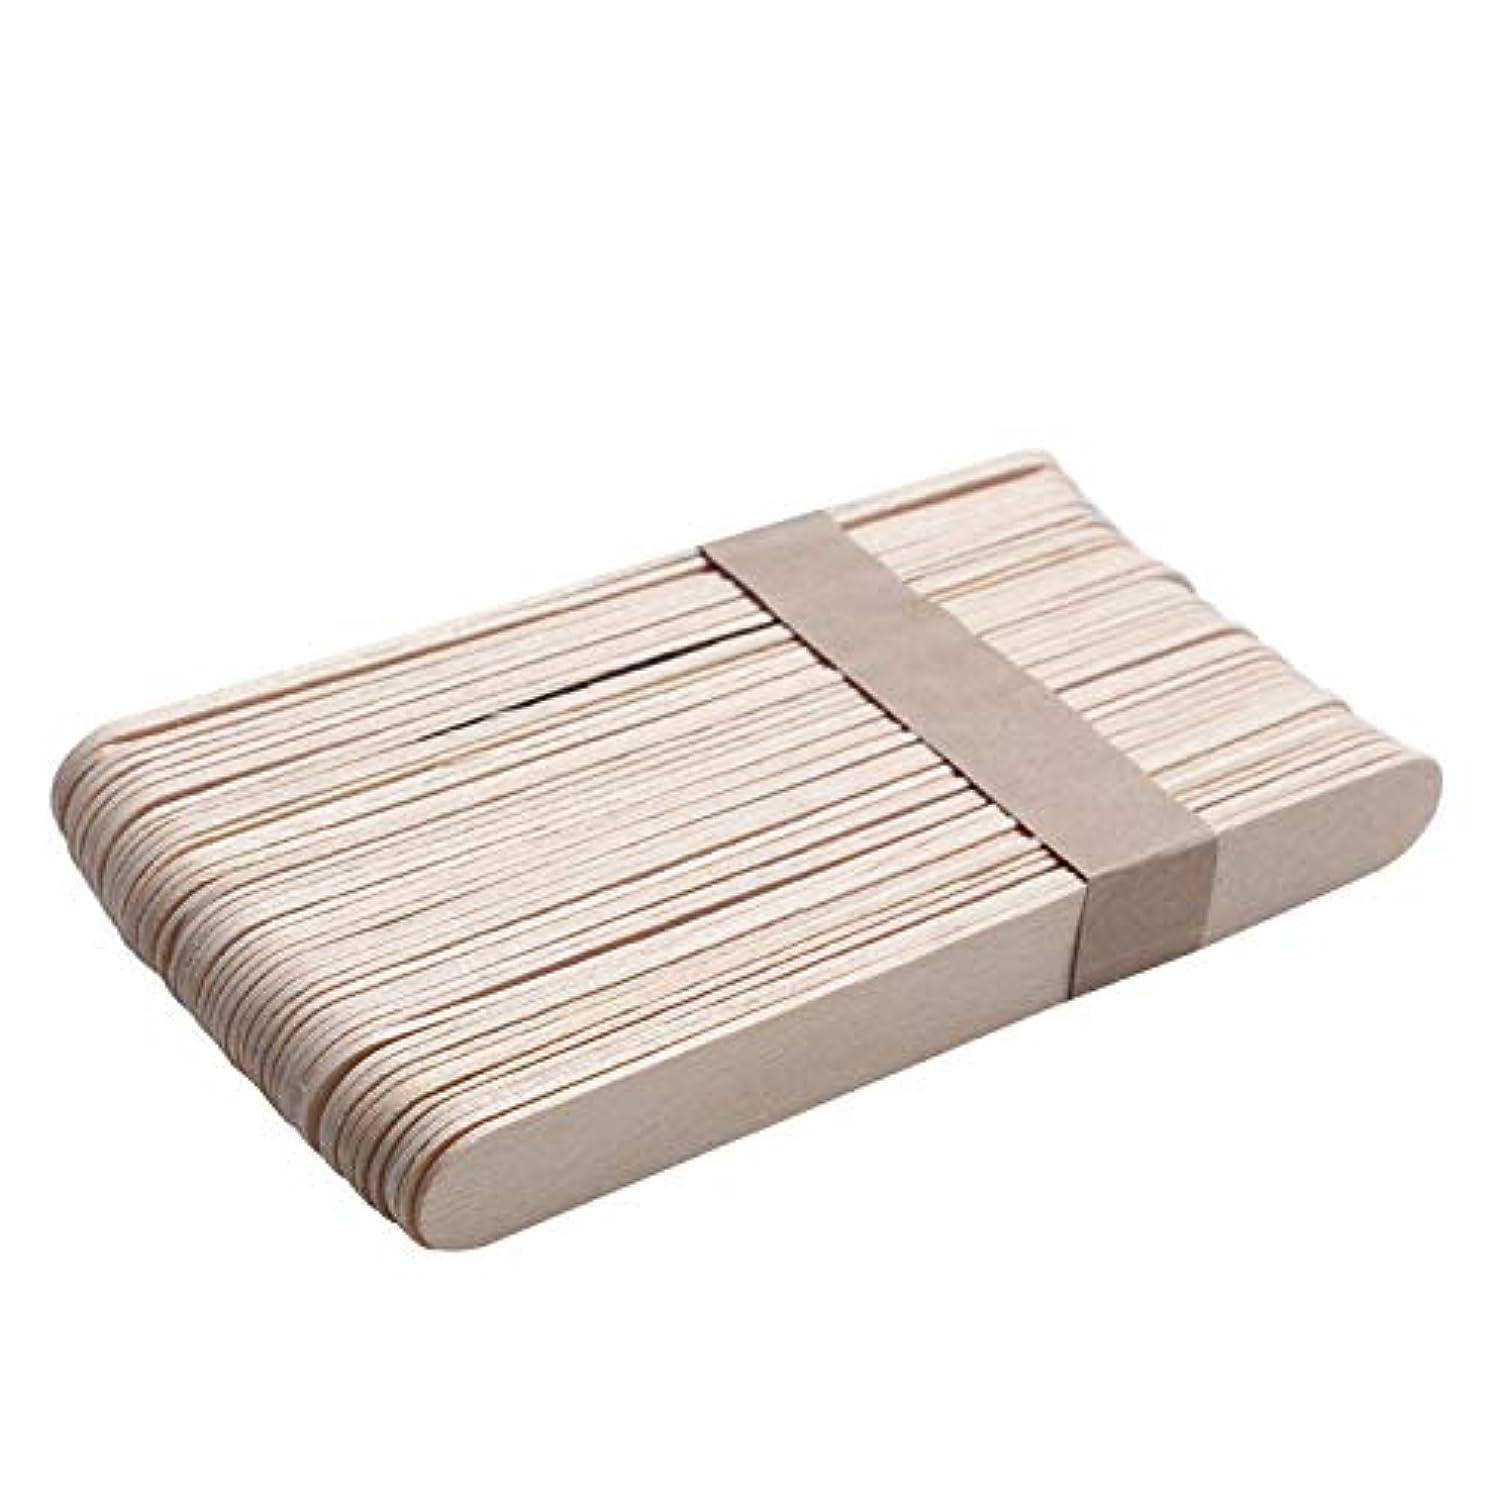 分離銀財布Migavann 50ピース15センチ木製ワックススティック 使い捨て木製ワックスヘラワックスアプリケータdiyフェイシャルマスクスティック